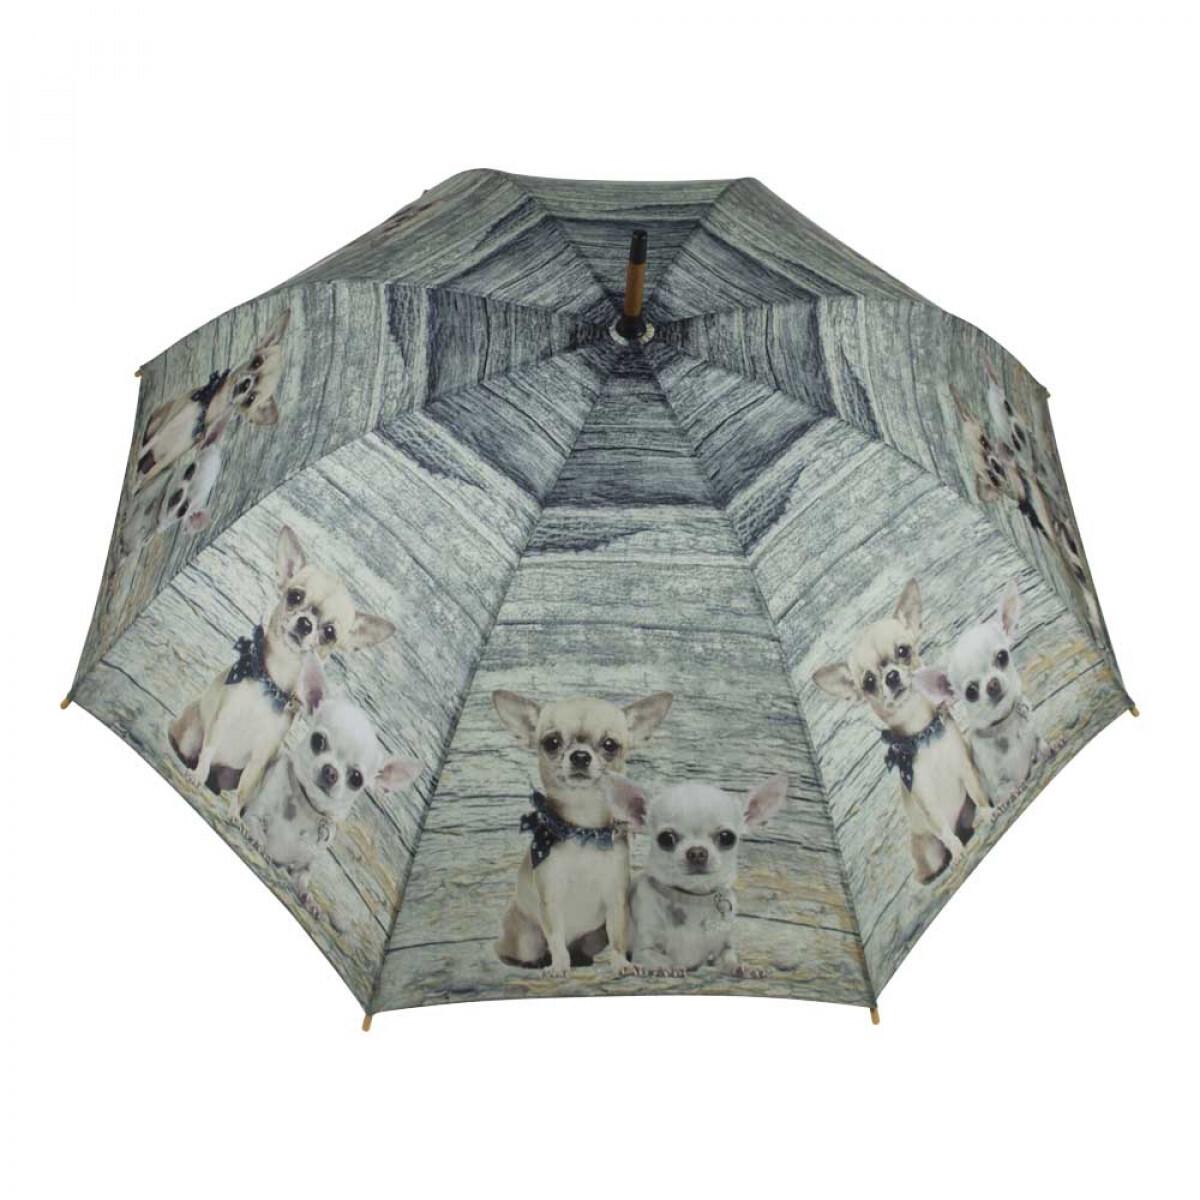 Paraplu Teak 2 Chihuahuas